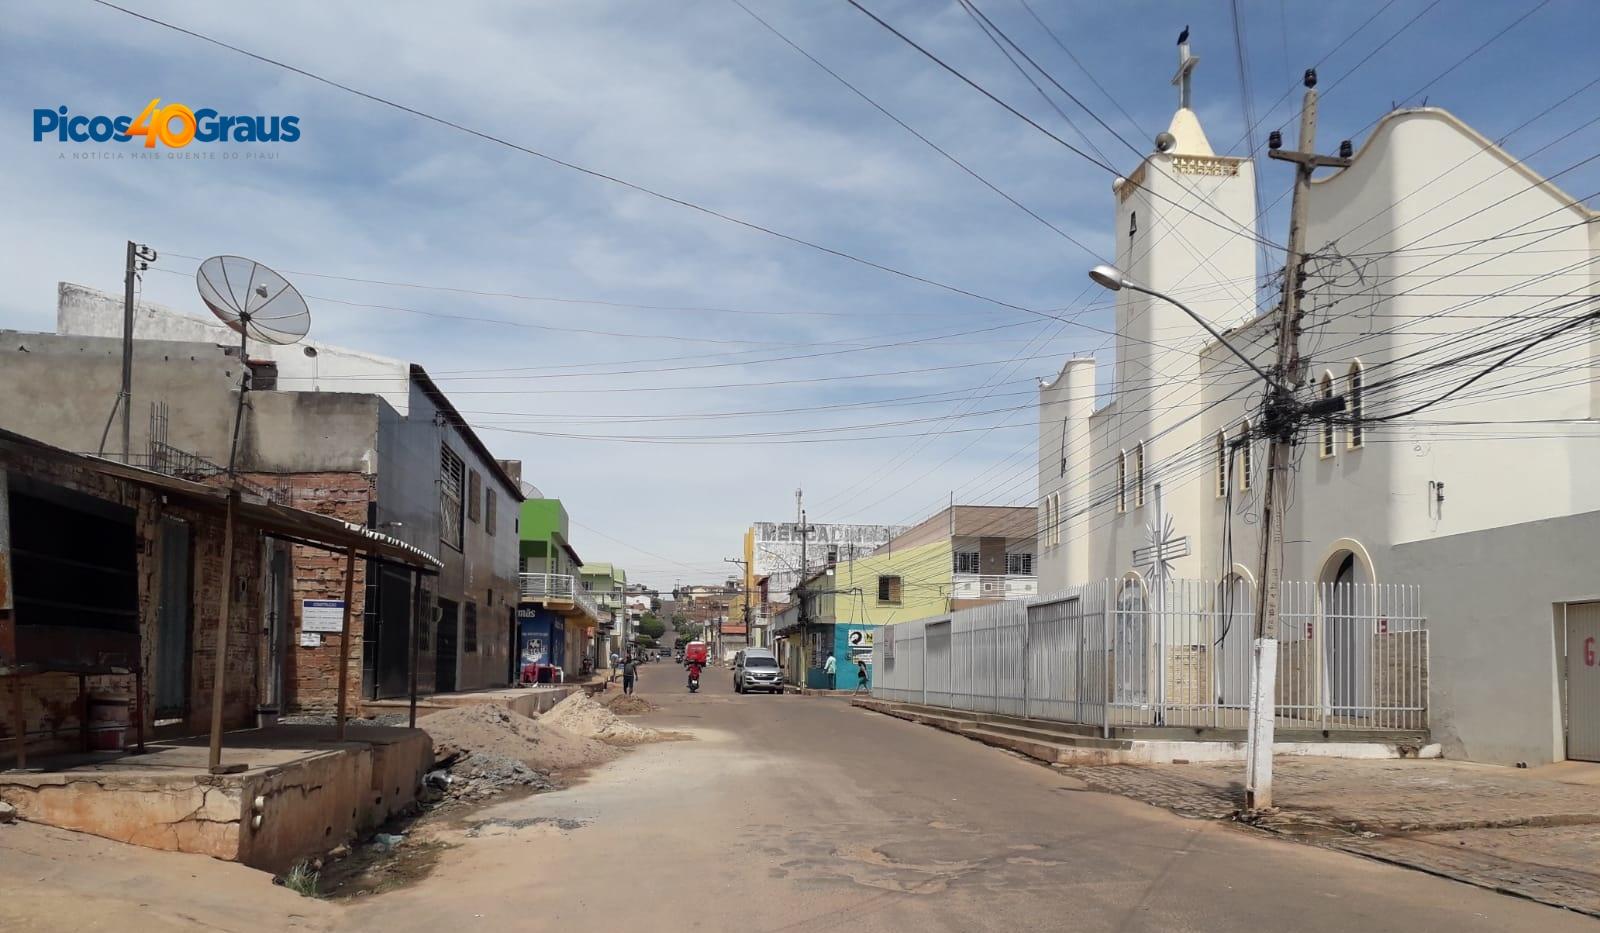 Moradores denunciam furto de cabos de energia elétrica em Picos (Foto: Picos 40 Graus)